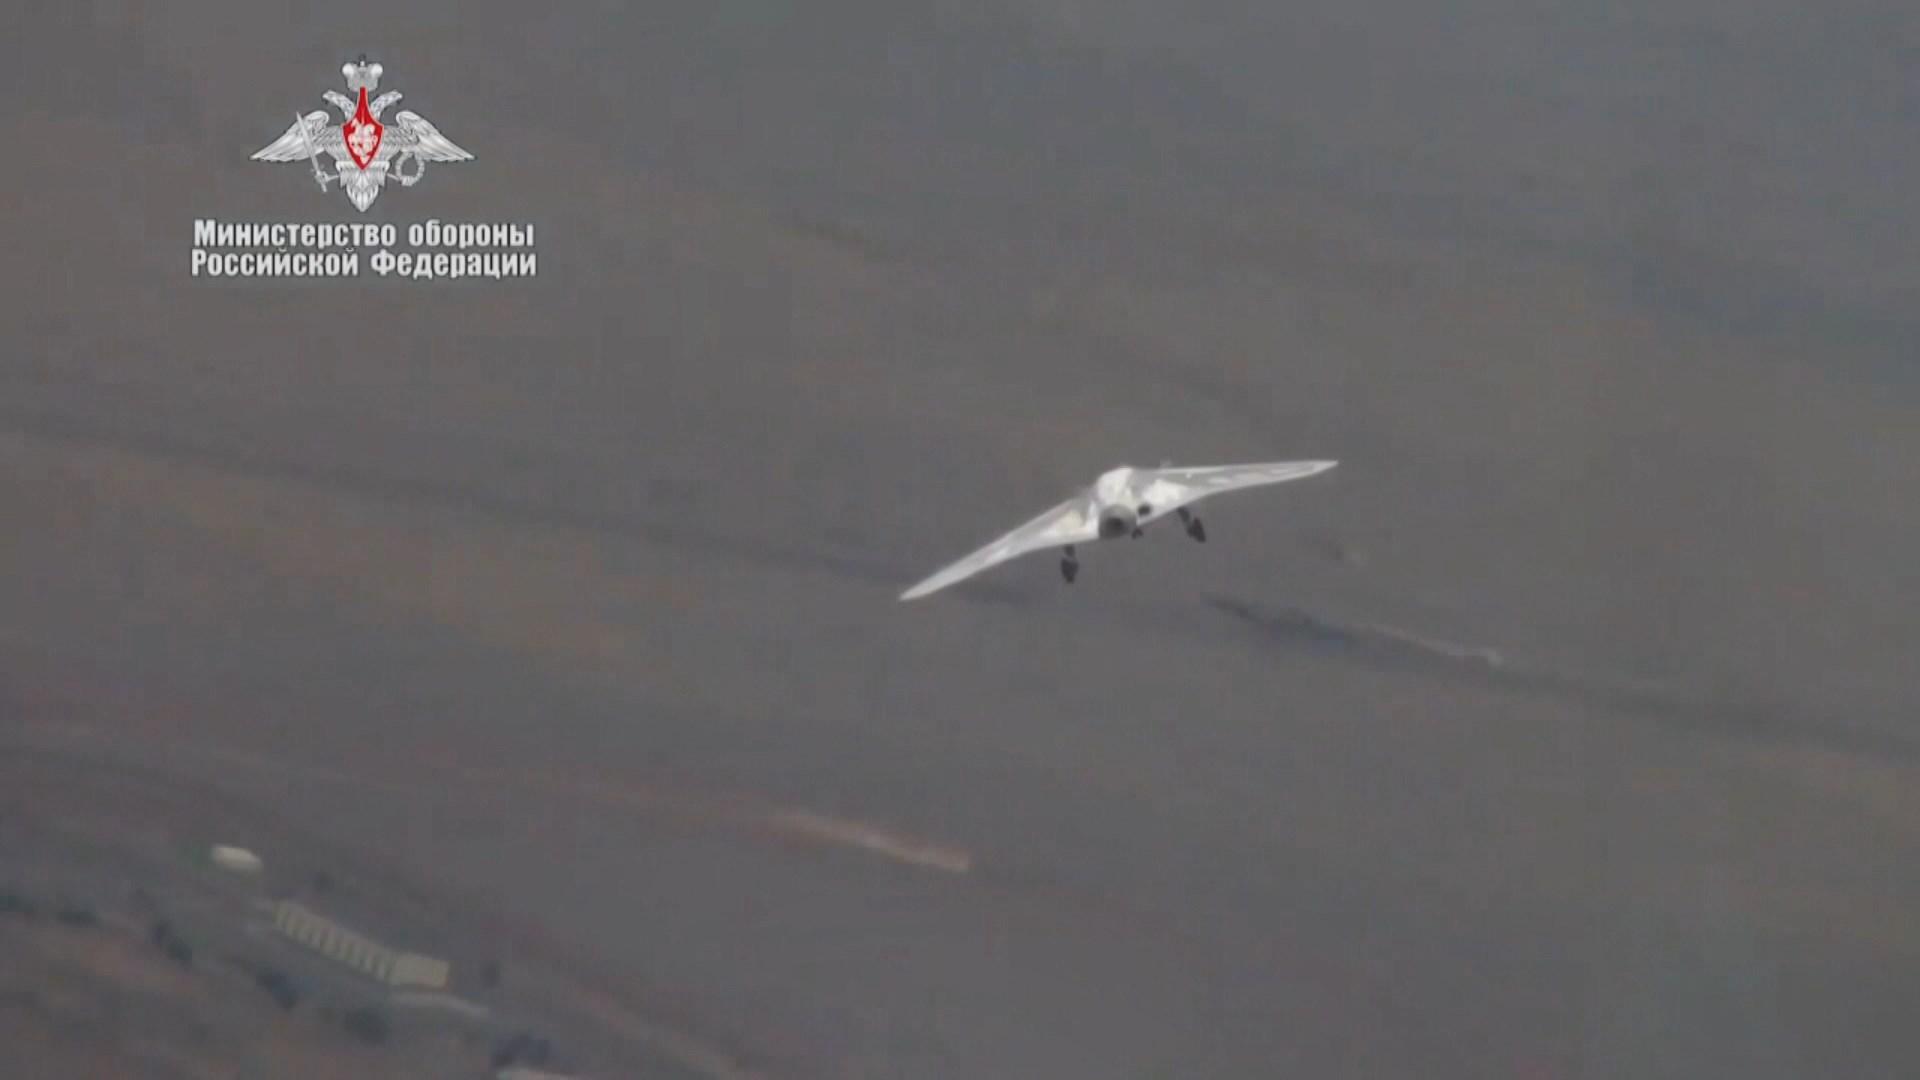 俄羅斯最新重型無人機首次試飛